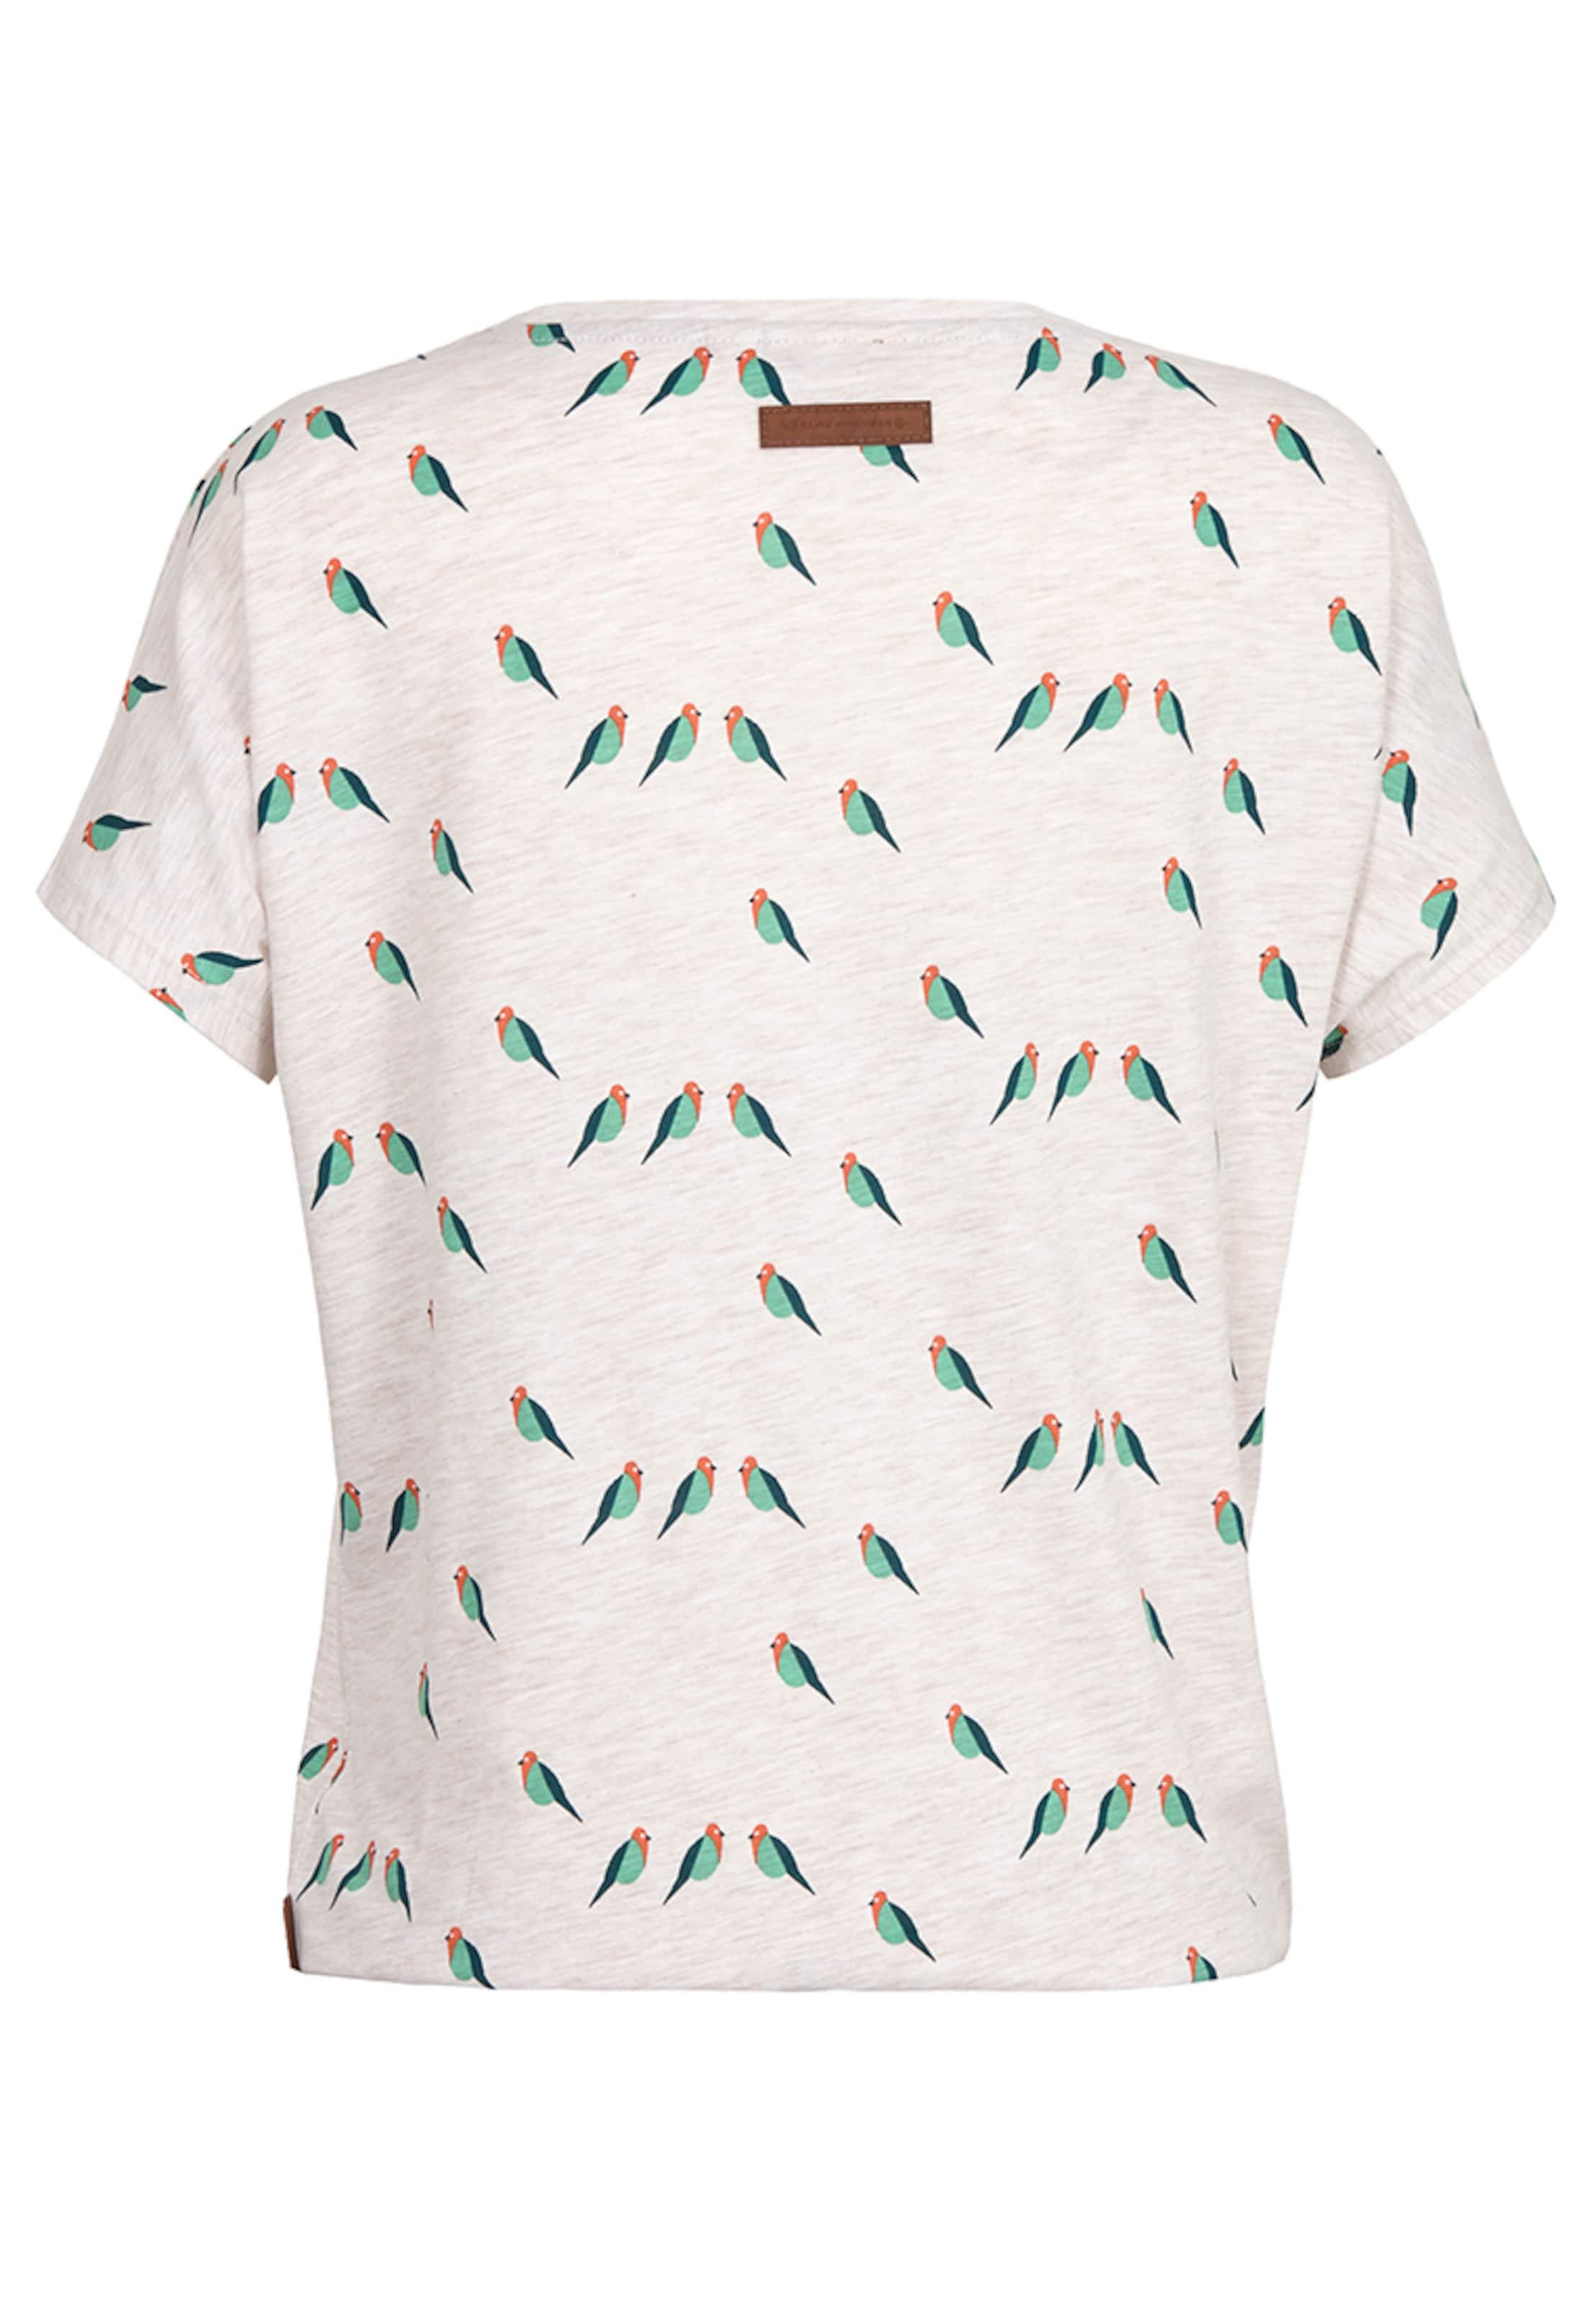 naketano Shirt 'Girl V' Wie Viel Zu Verkaufen Große Auswahl An Günstigem Preis Professionelle Verkauf Online Freies Verschiffen Geniue Händler 91B8FudkG